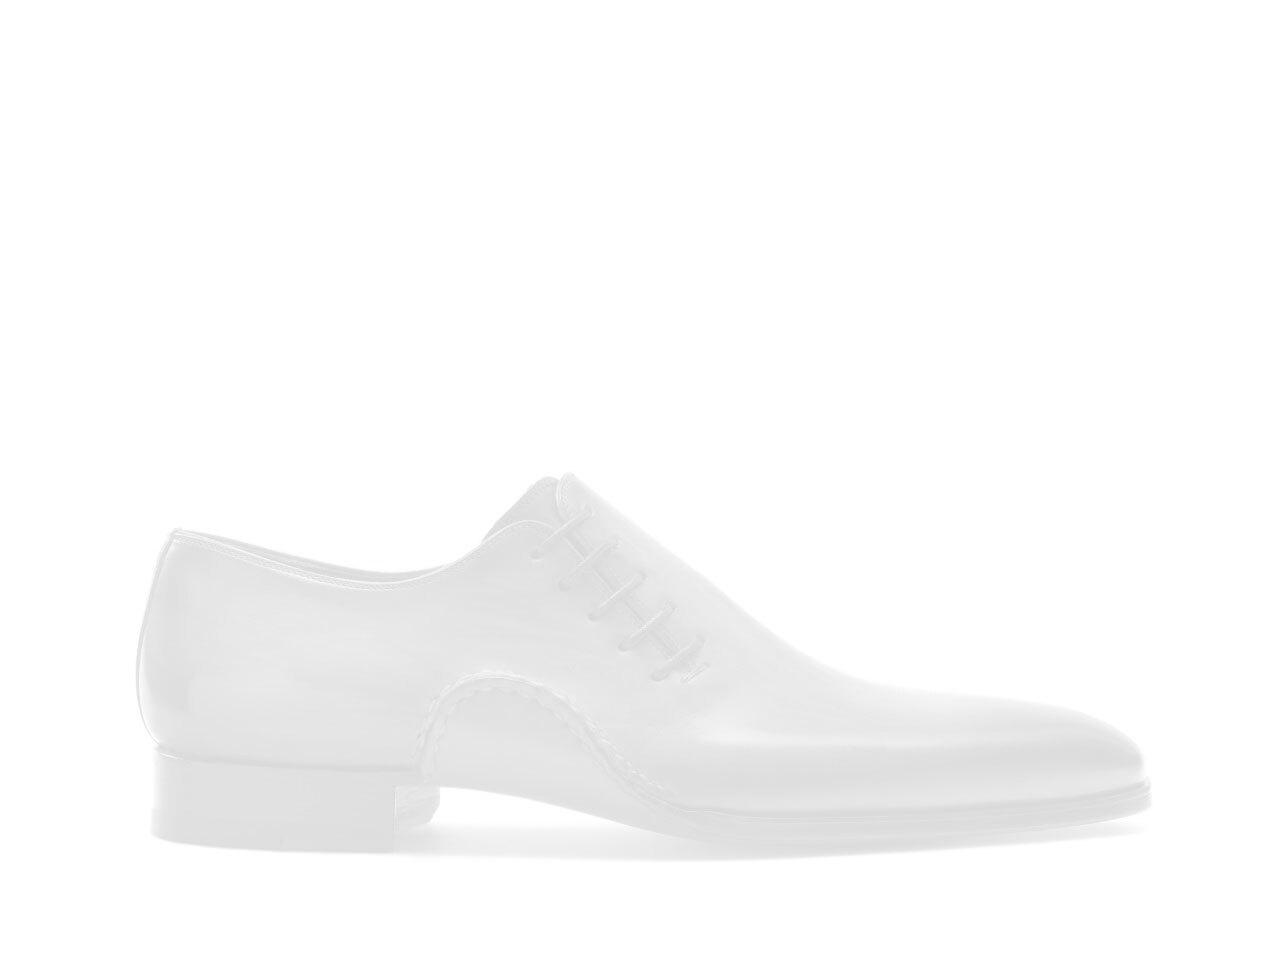 Pair of the Magnanni Sendero Tabaco Men's Designer Boots